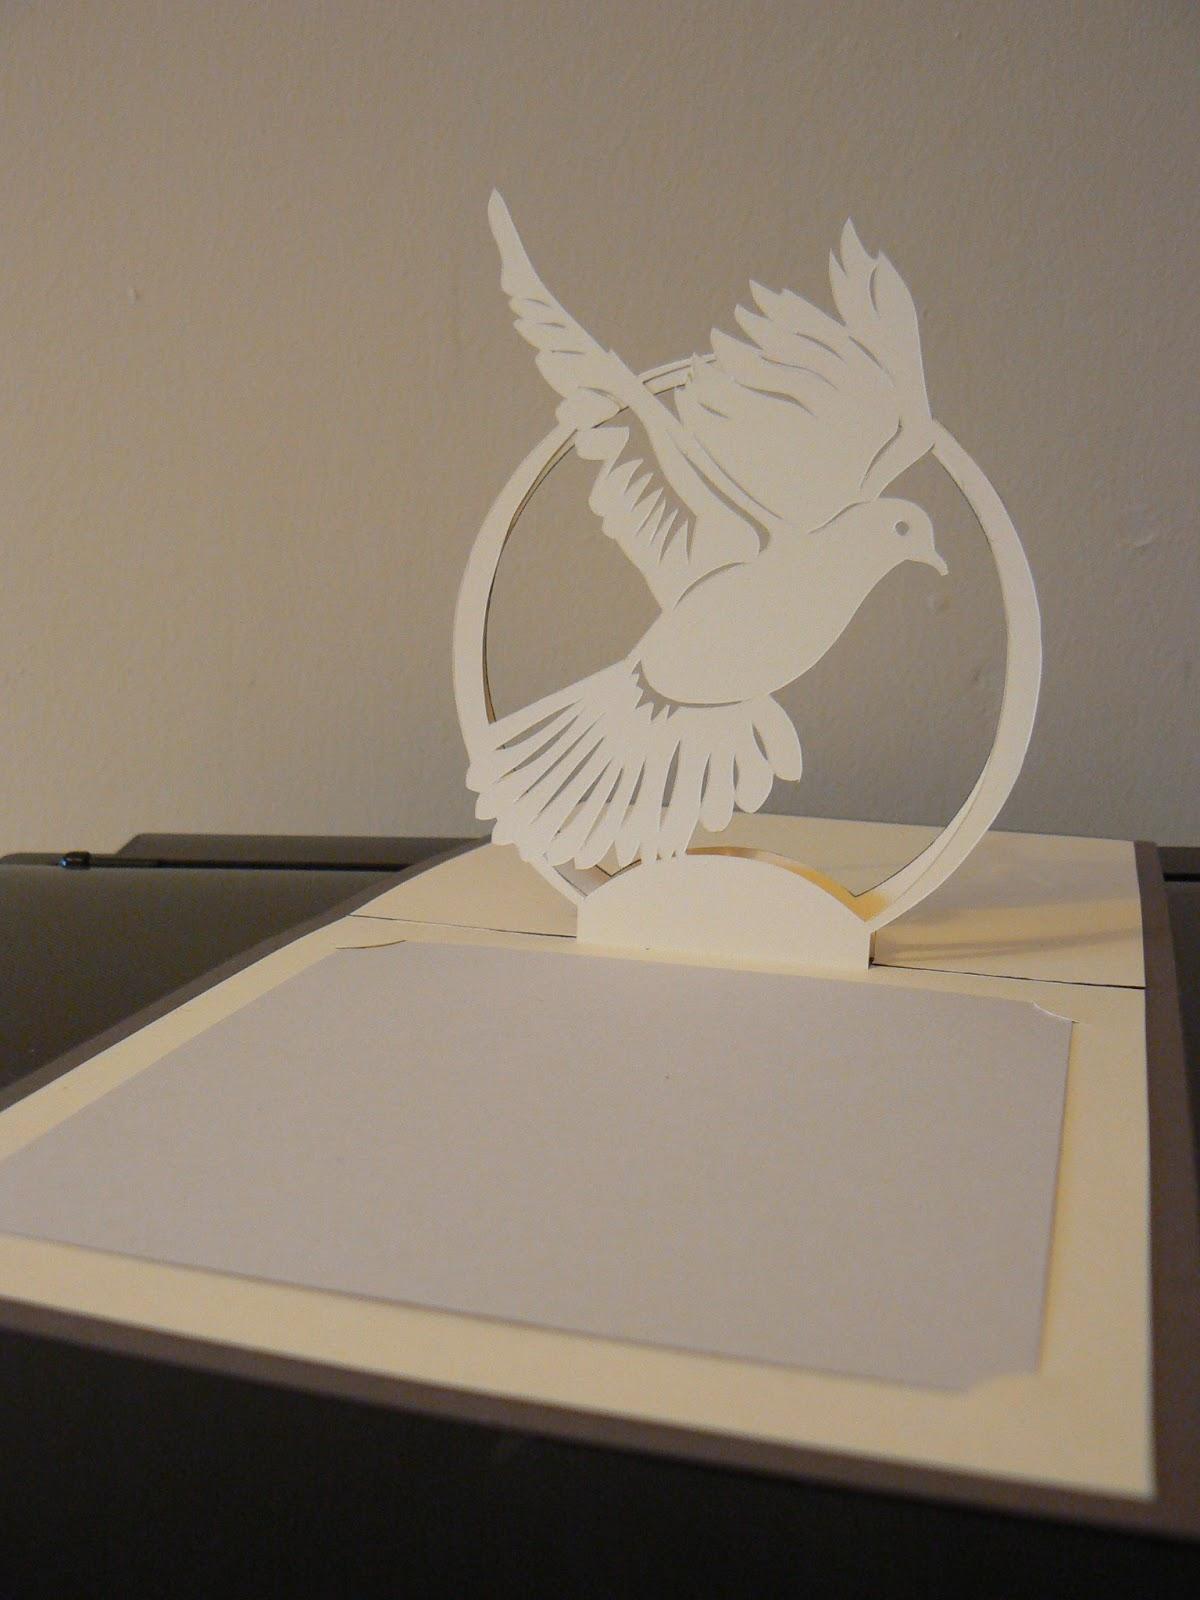 faire part de mariage une colombe en kirigami - Faire Part Mariage Kirigami